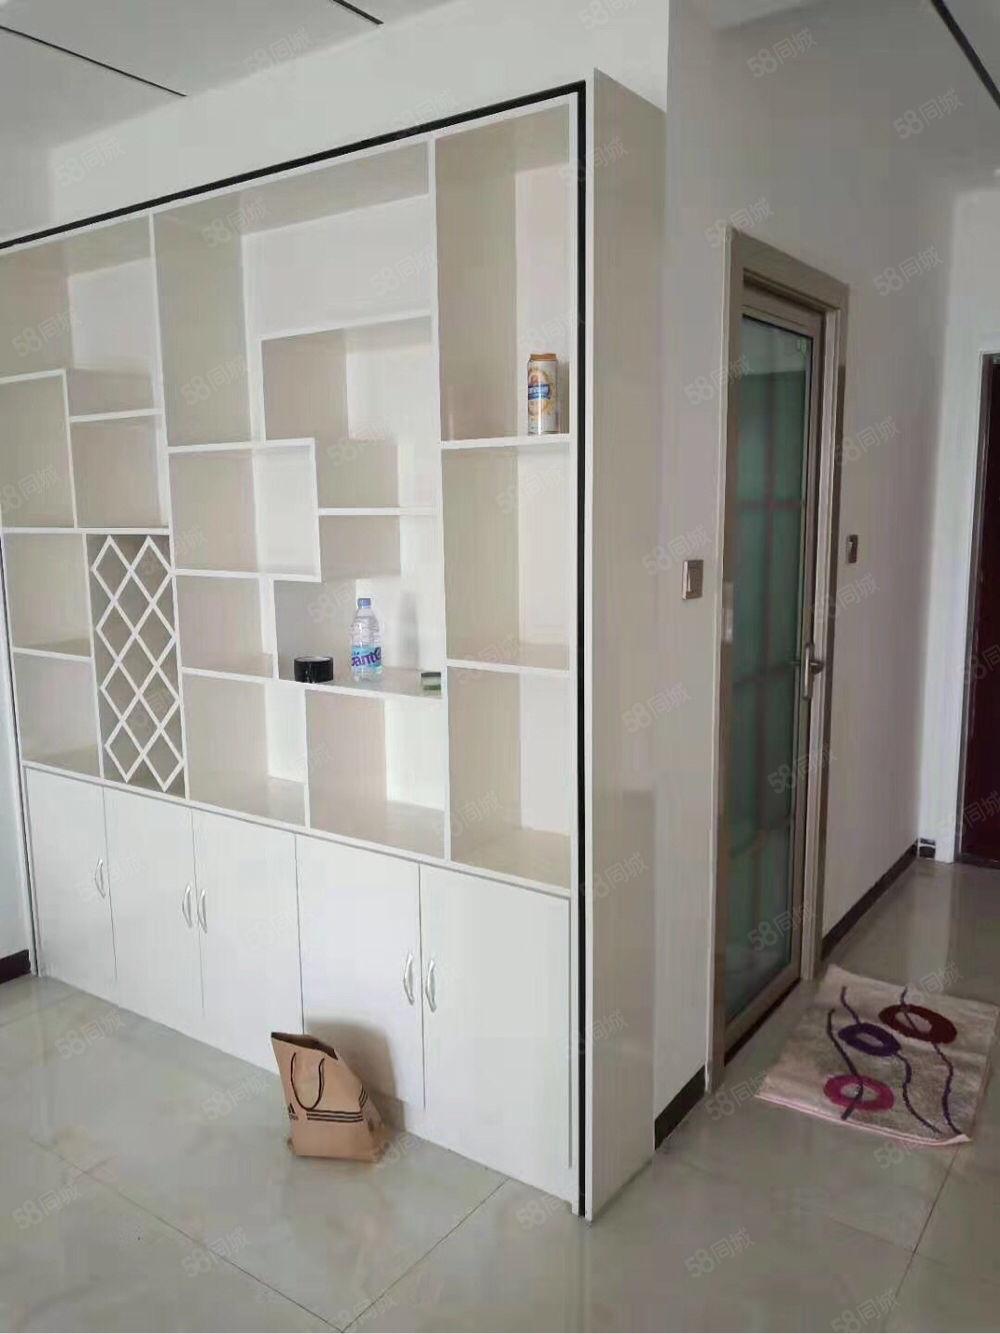 五洲祥城2楼,3室精装修,带家具,拎包入住,年租1.4万